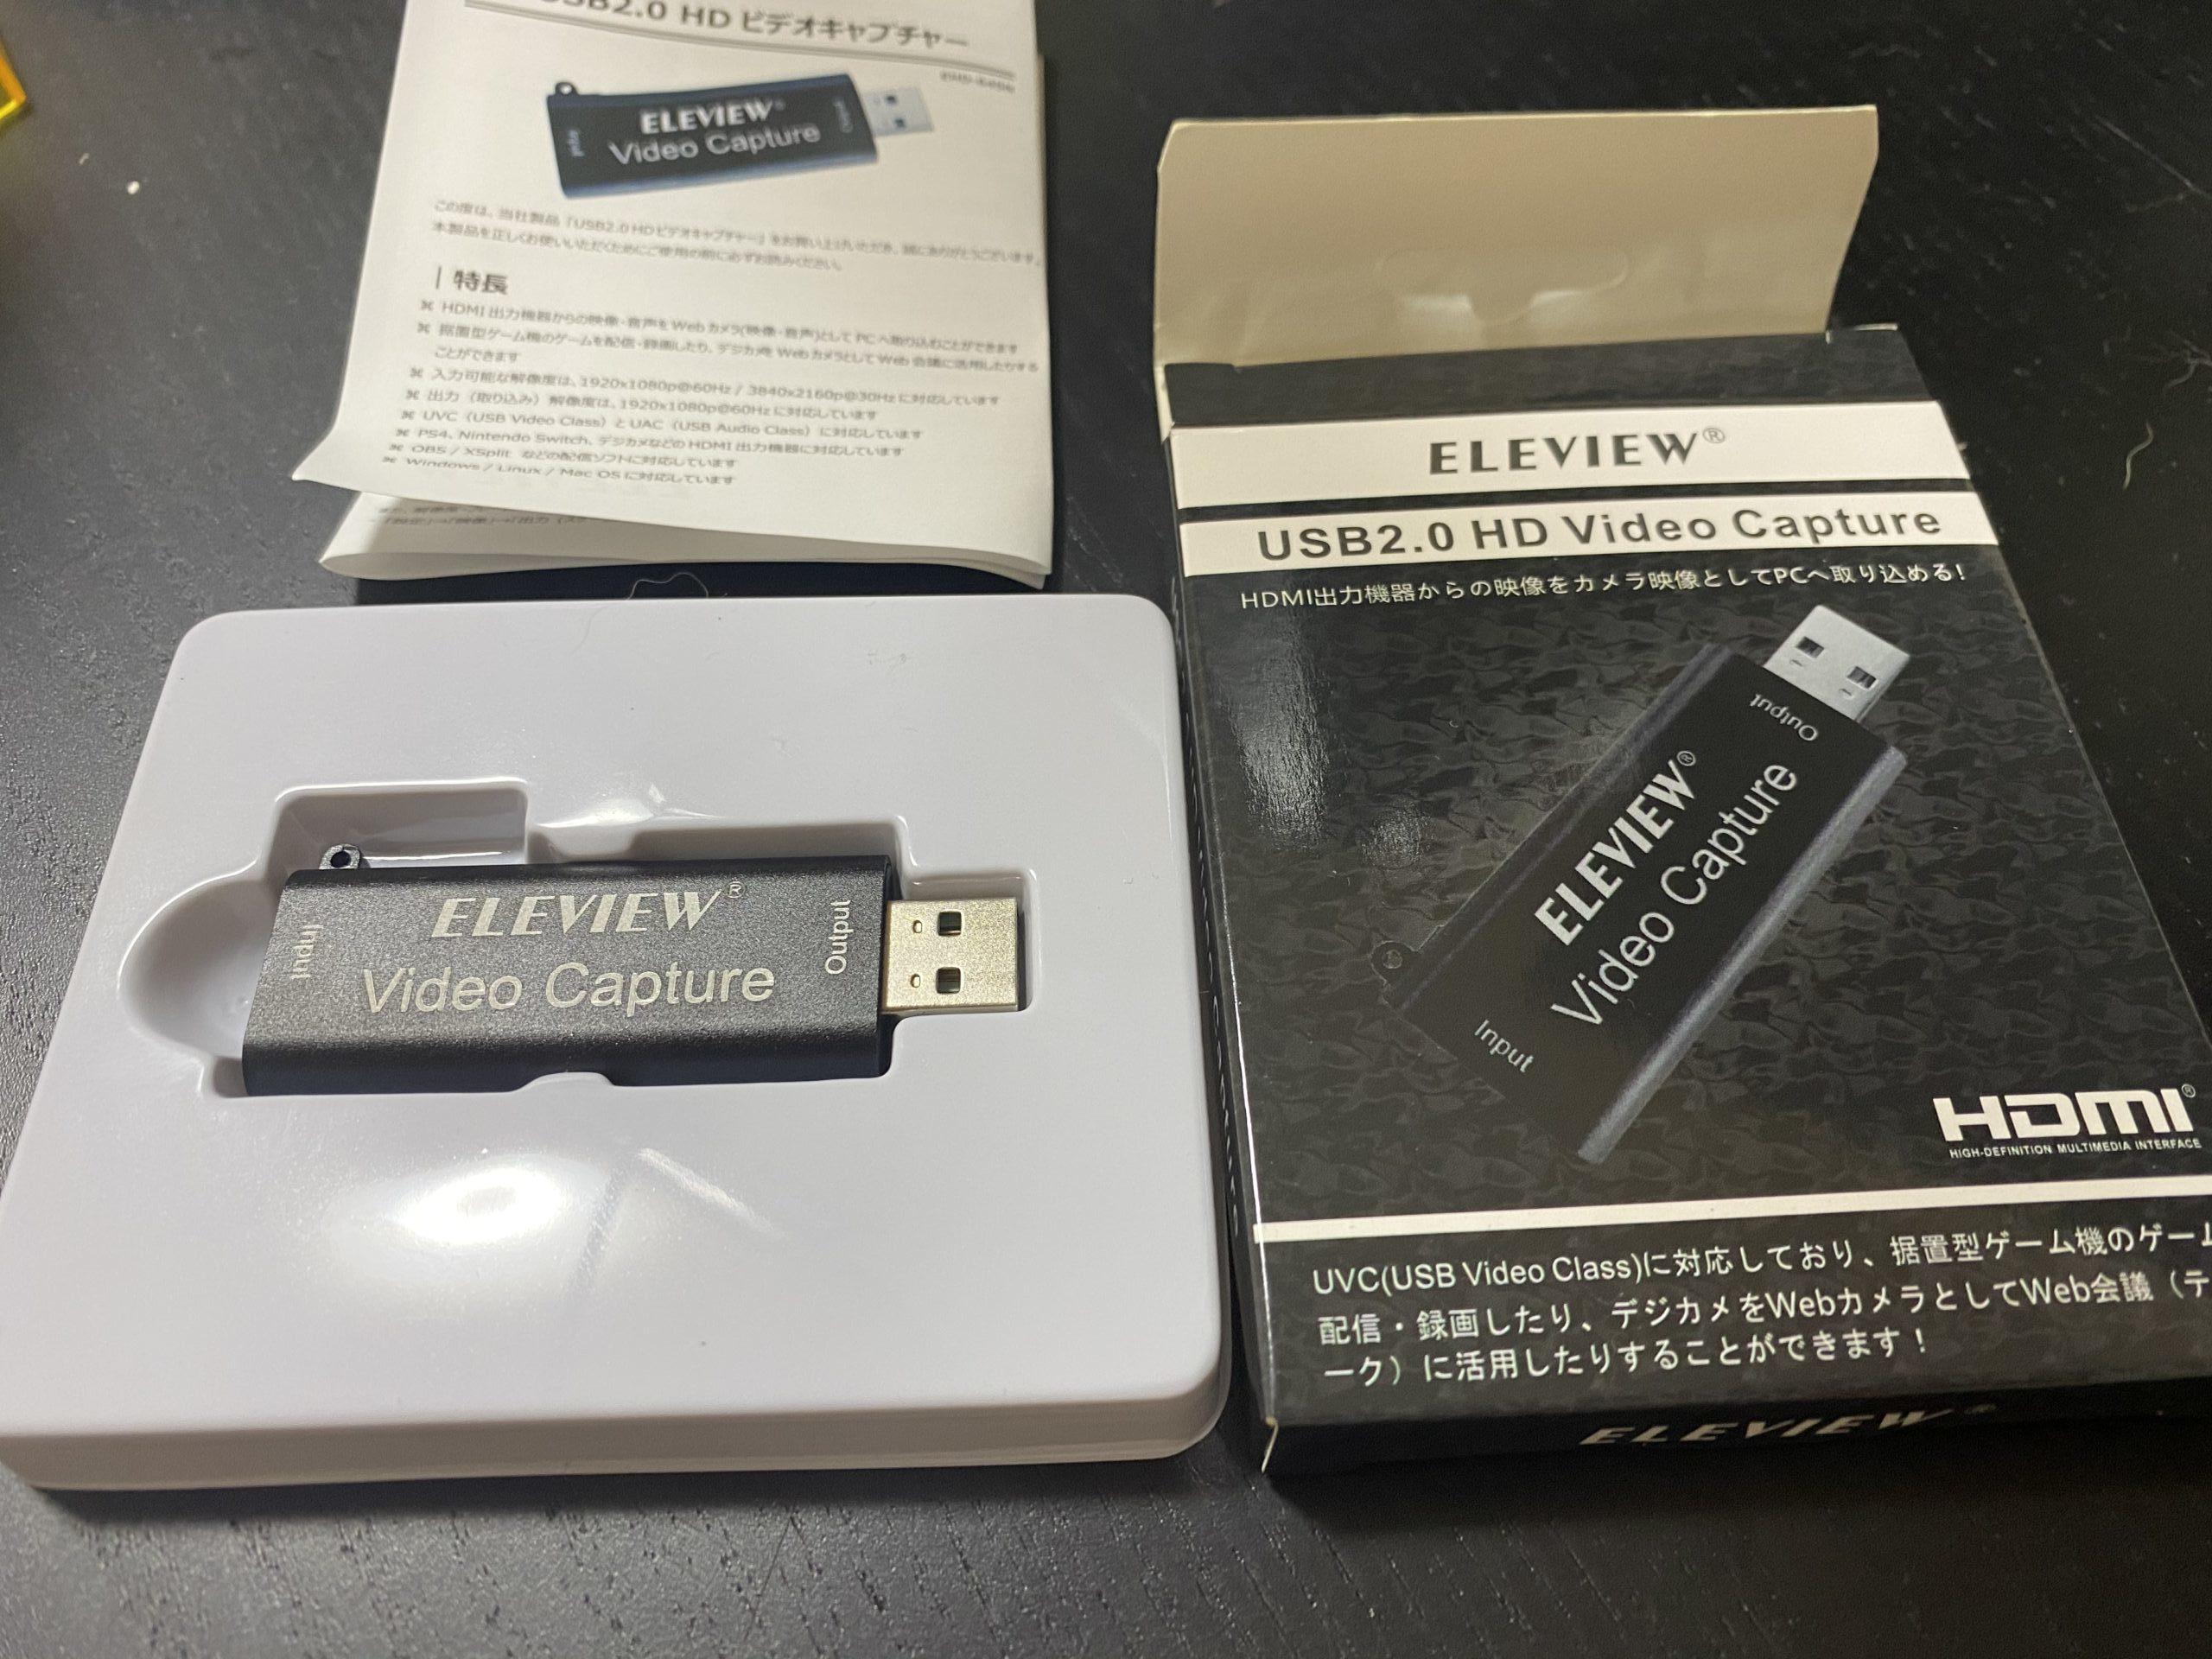 安いキャプチャーボード2199円